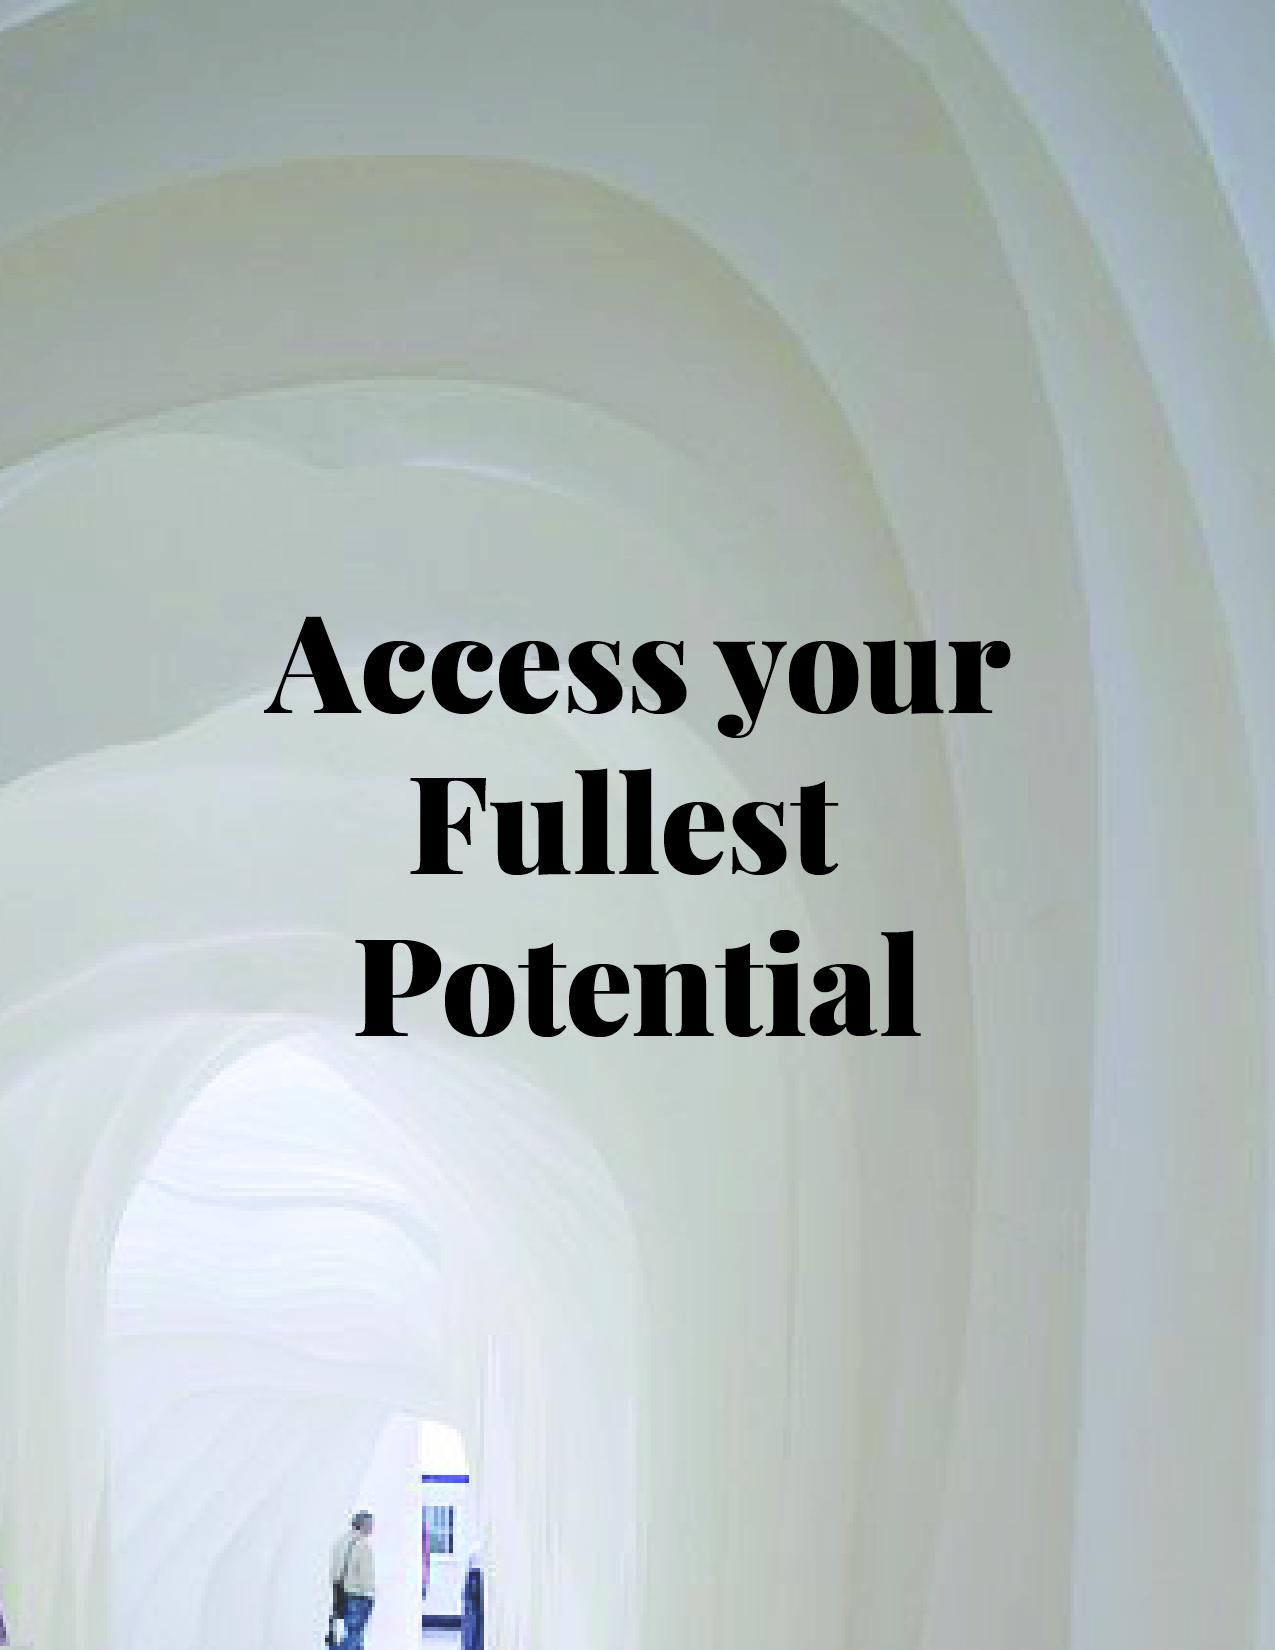 AccessyourFullestPotential-02.jpg